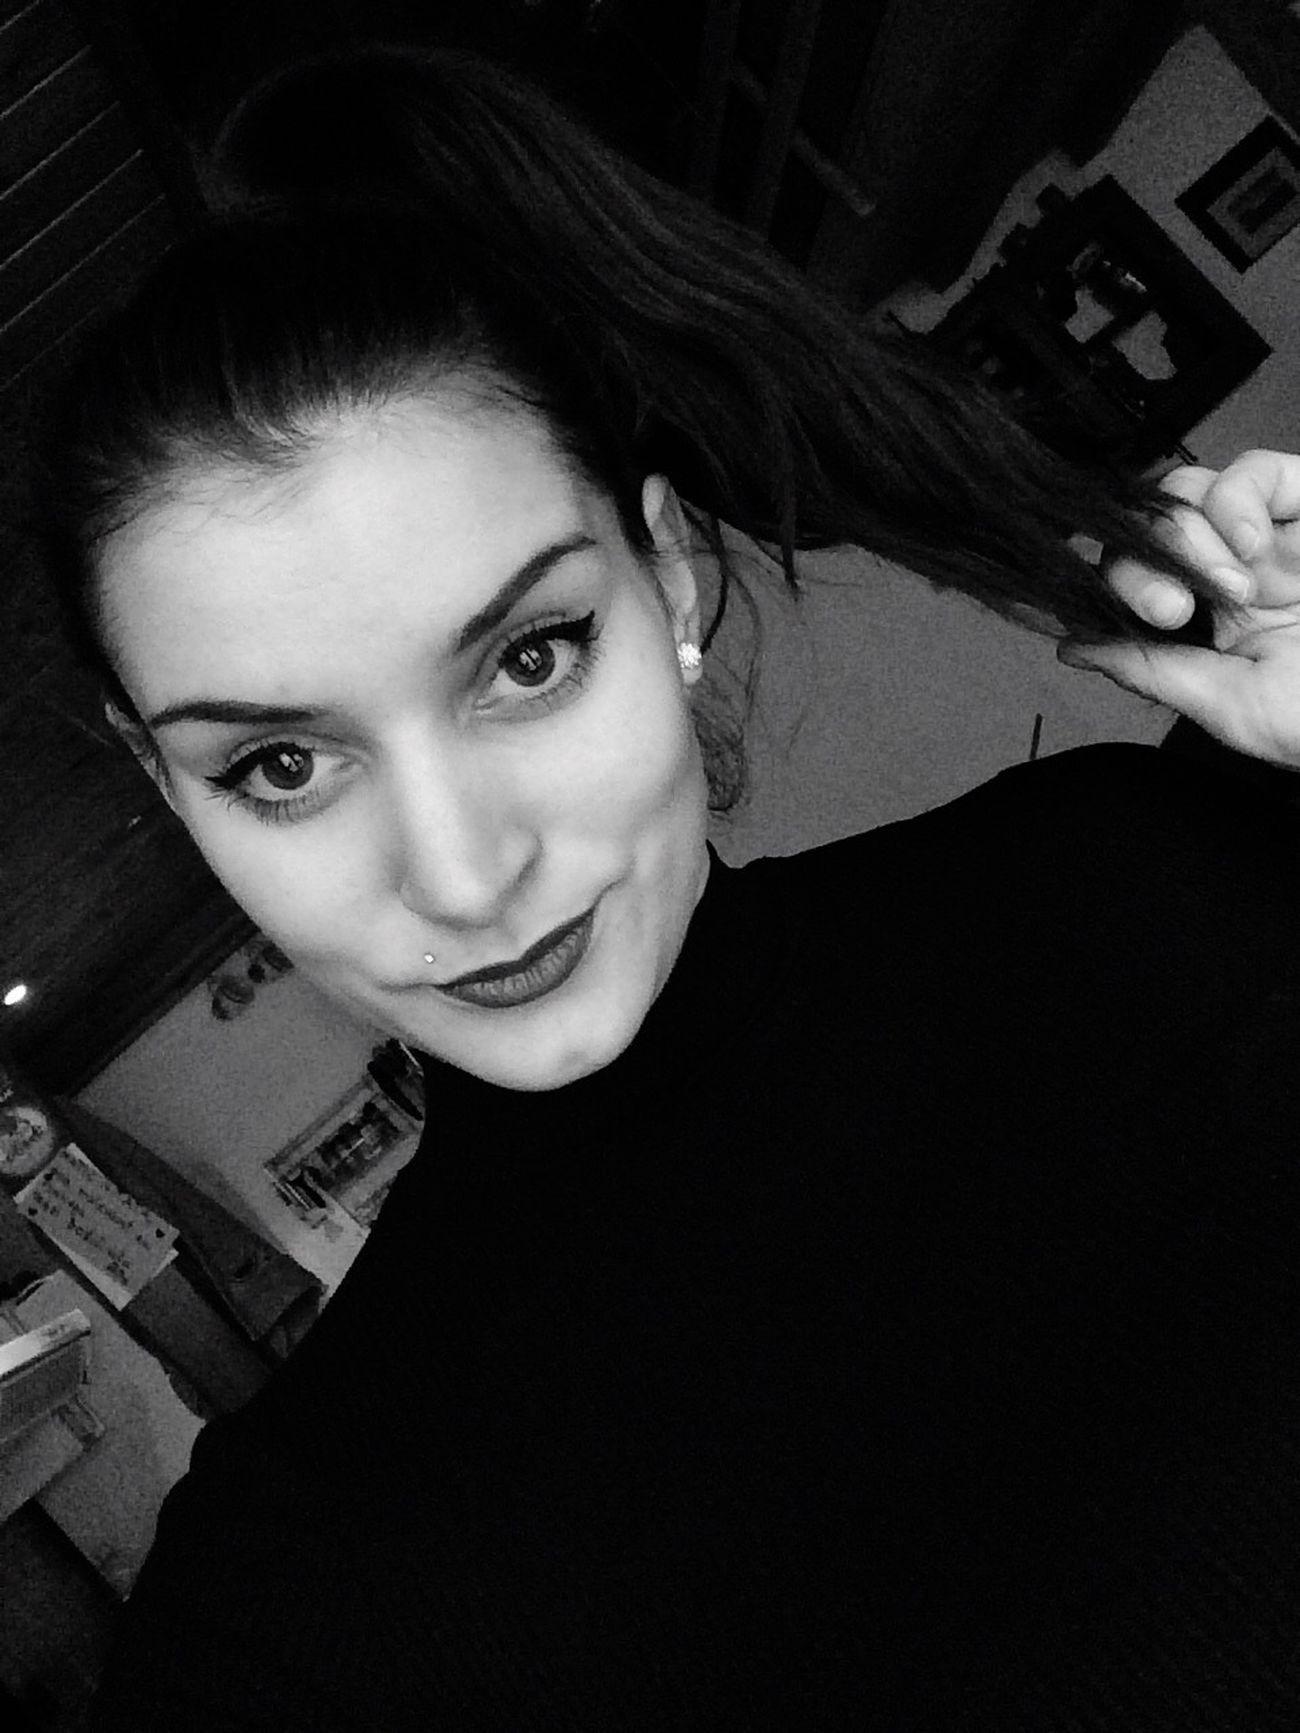 Življenje kot je bilo nekoč. Blackandwhite Selfie Onelife First Eyeem Photo